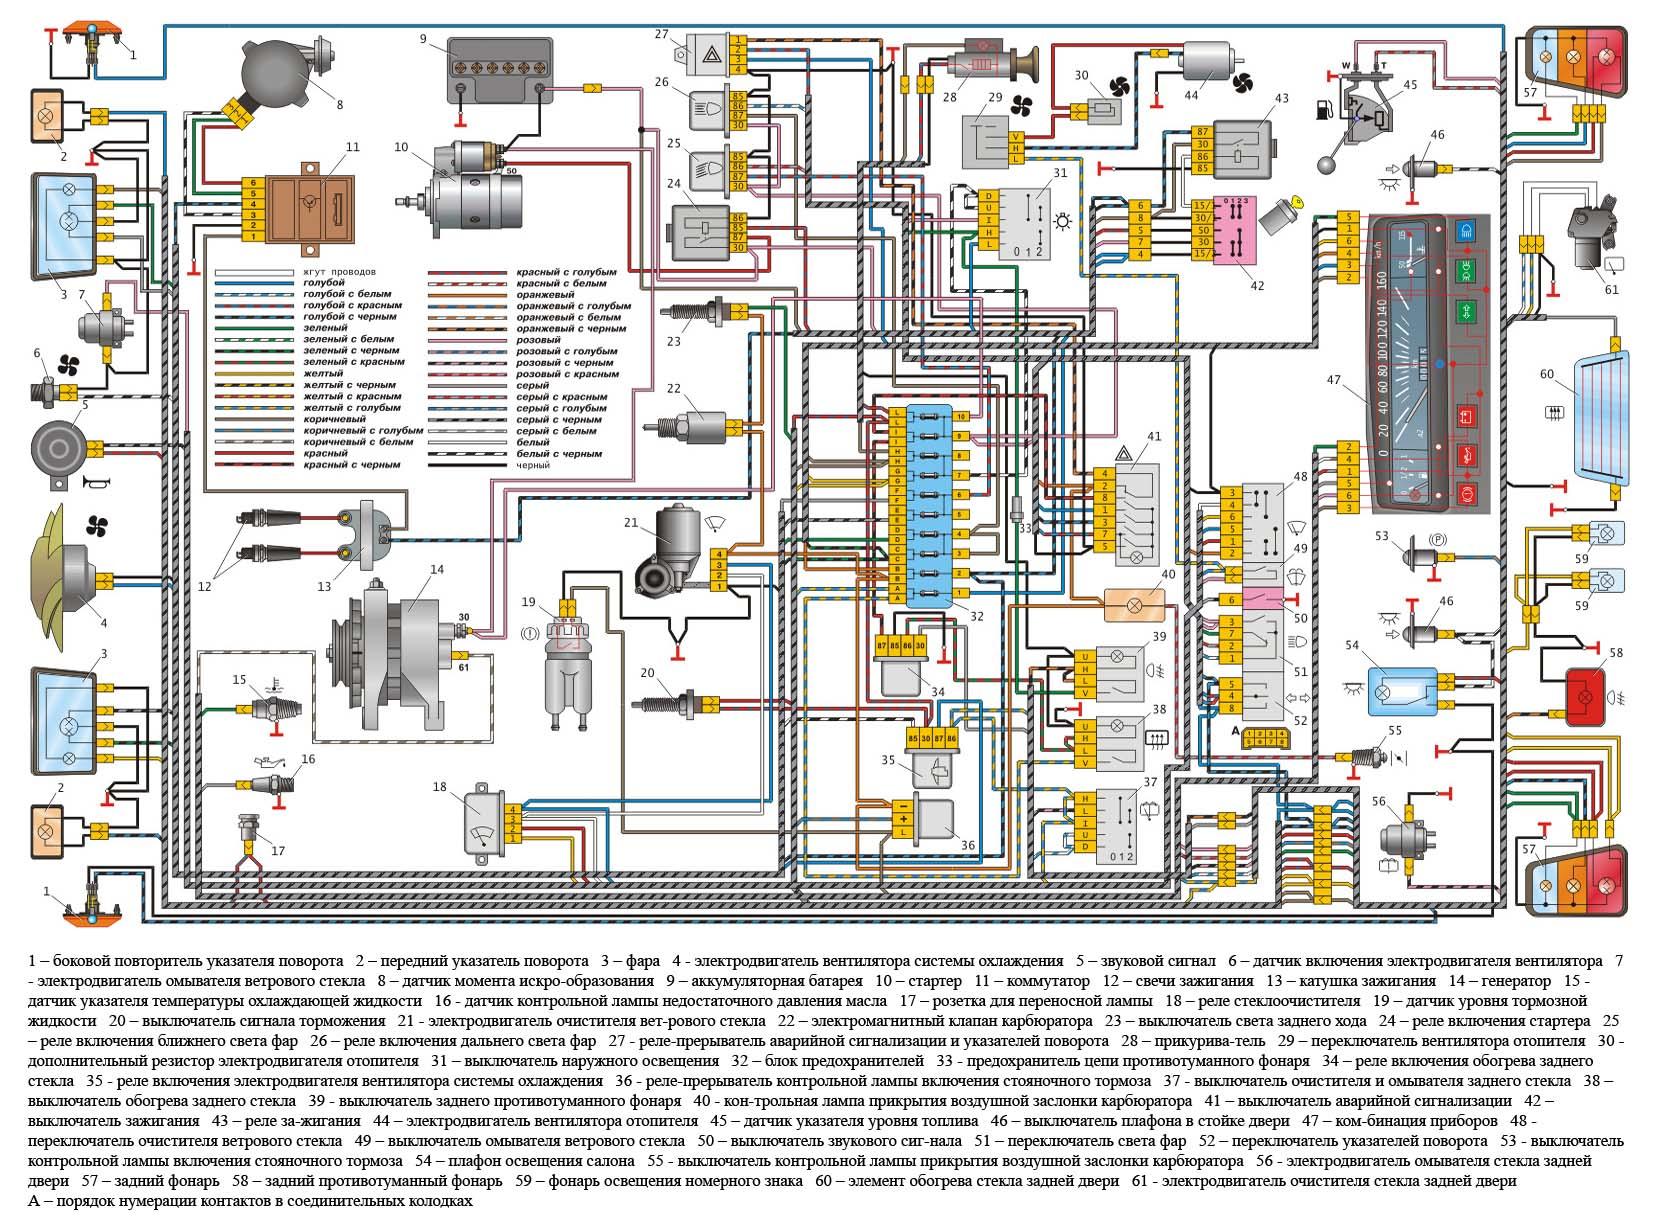 Схема механических стеклоподъемников ваз 2121